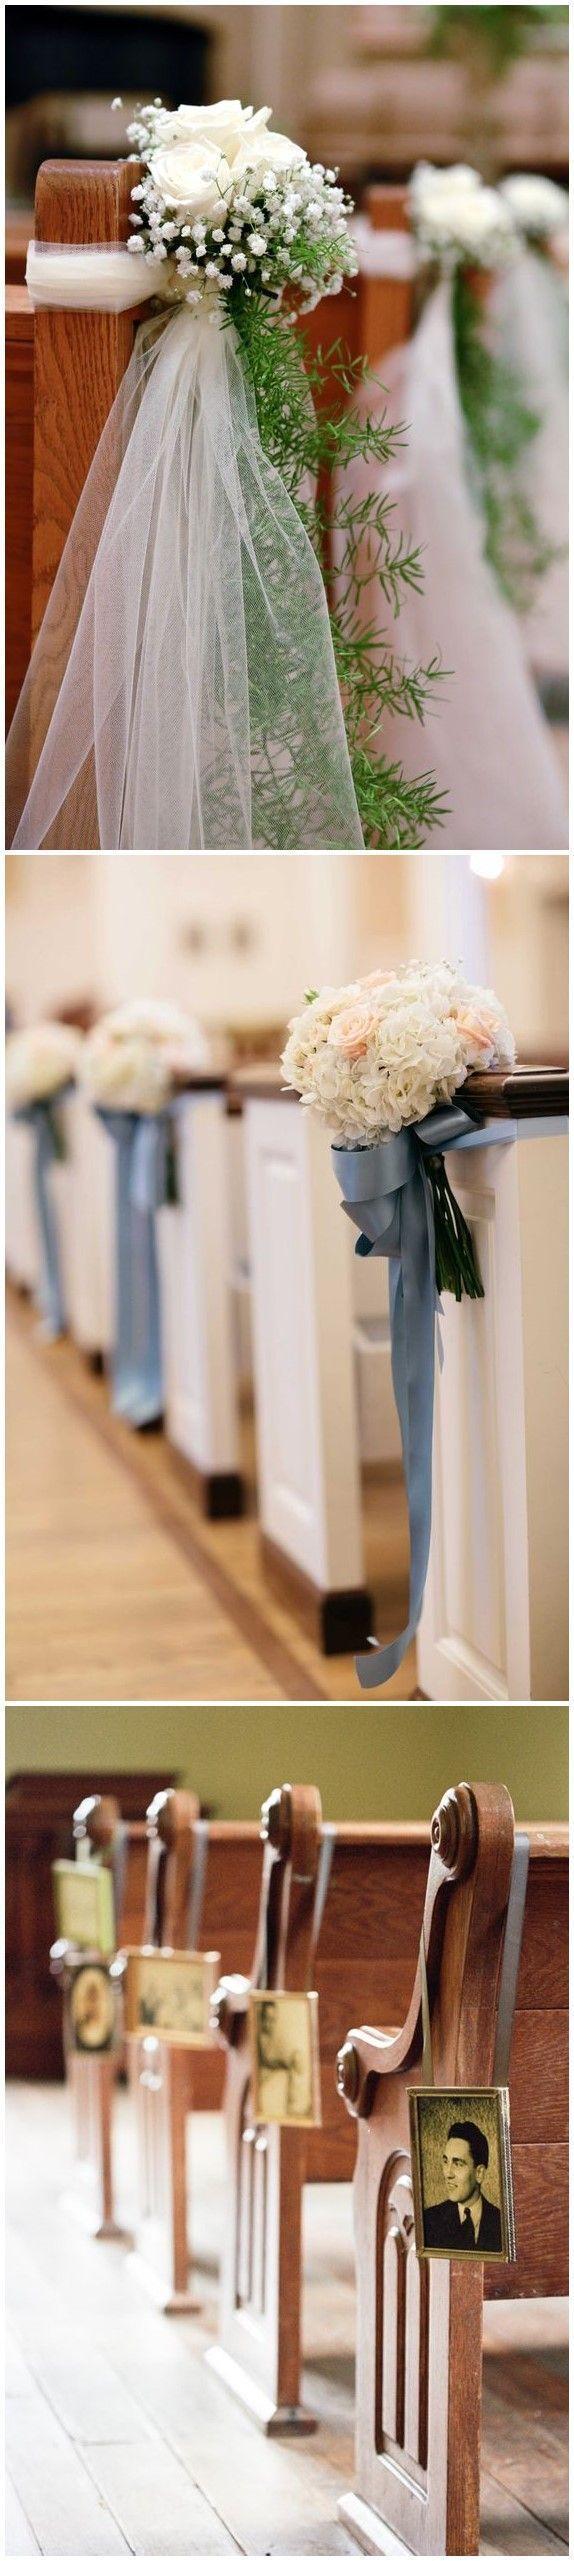 Wedding decoration ideas at church  Wedding Decorations   Stunning Church Wedding Aisle Decoration